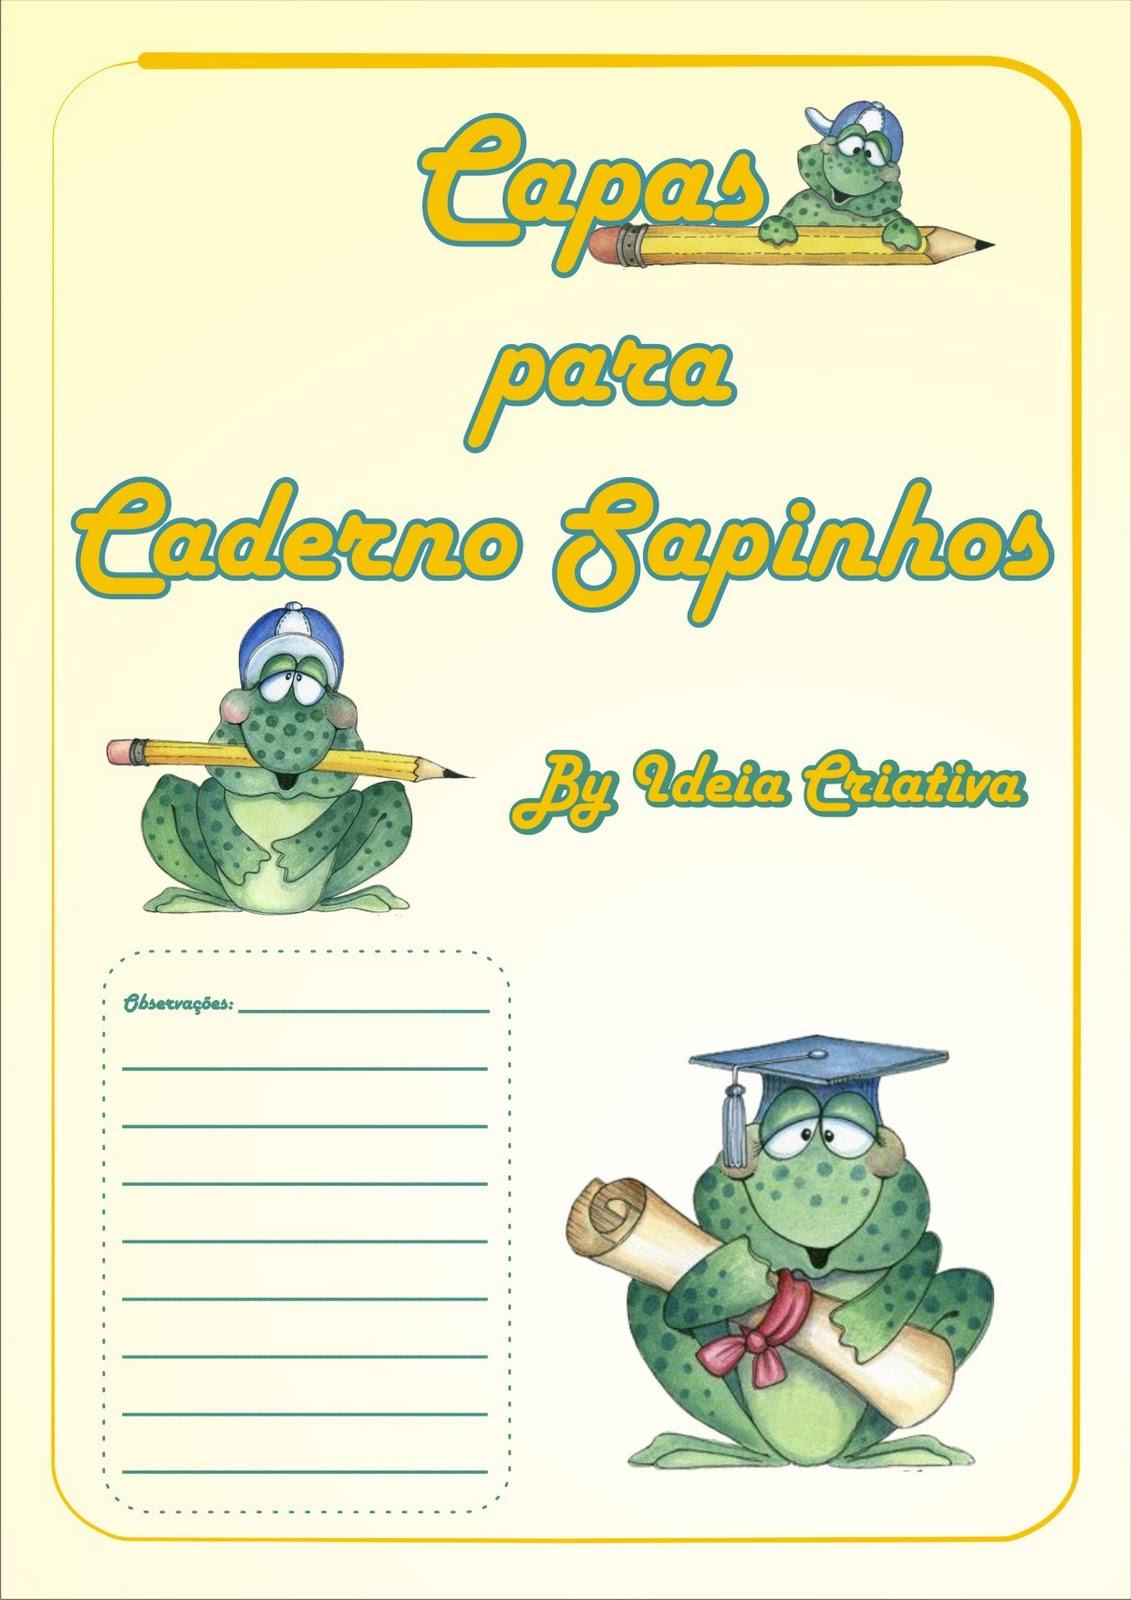 Capas para Caderno Sapinhos Educação Infantil Artes Língua Portuguesa Matemática Ciências